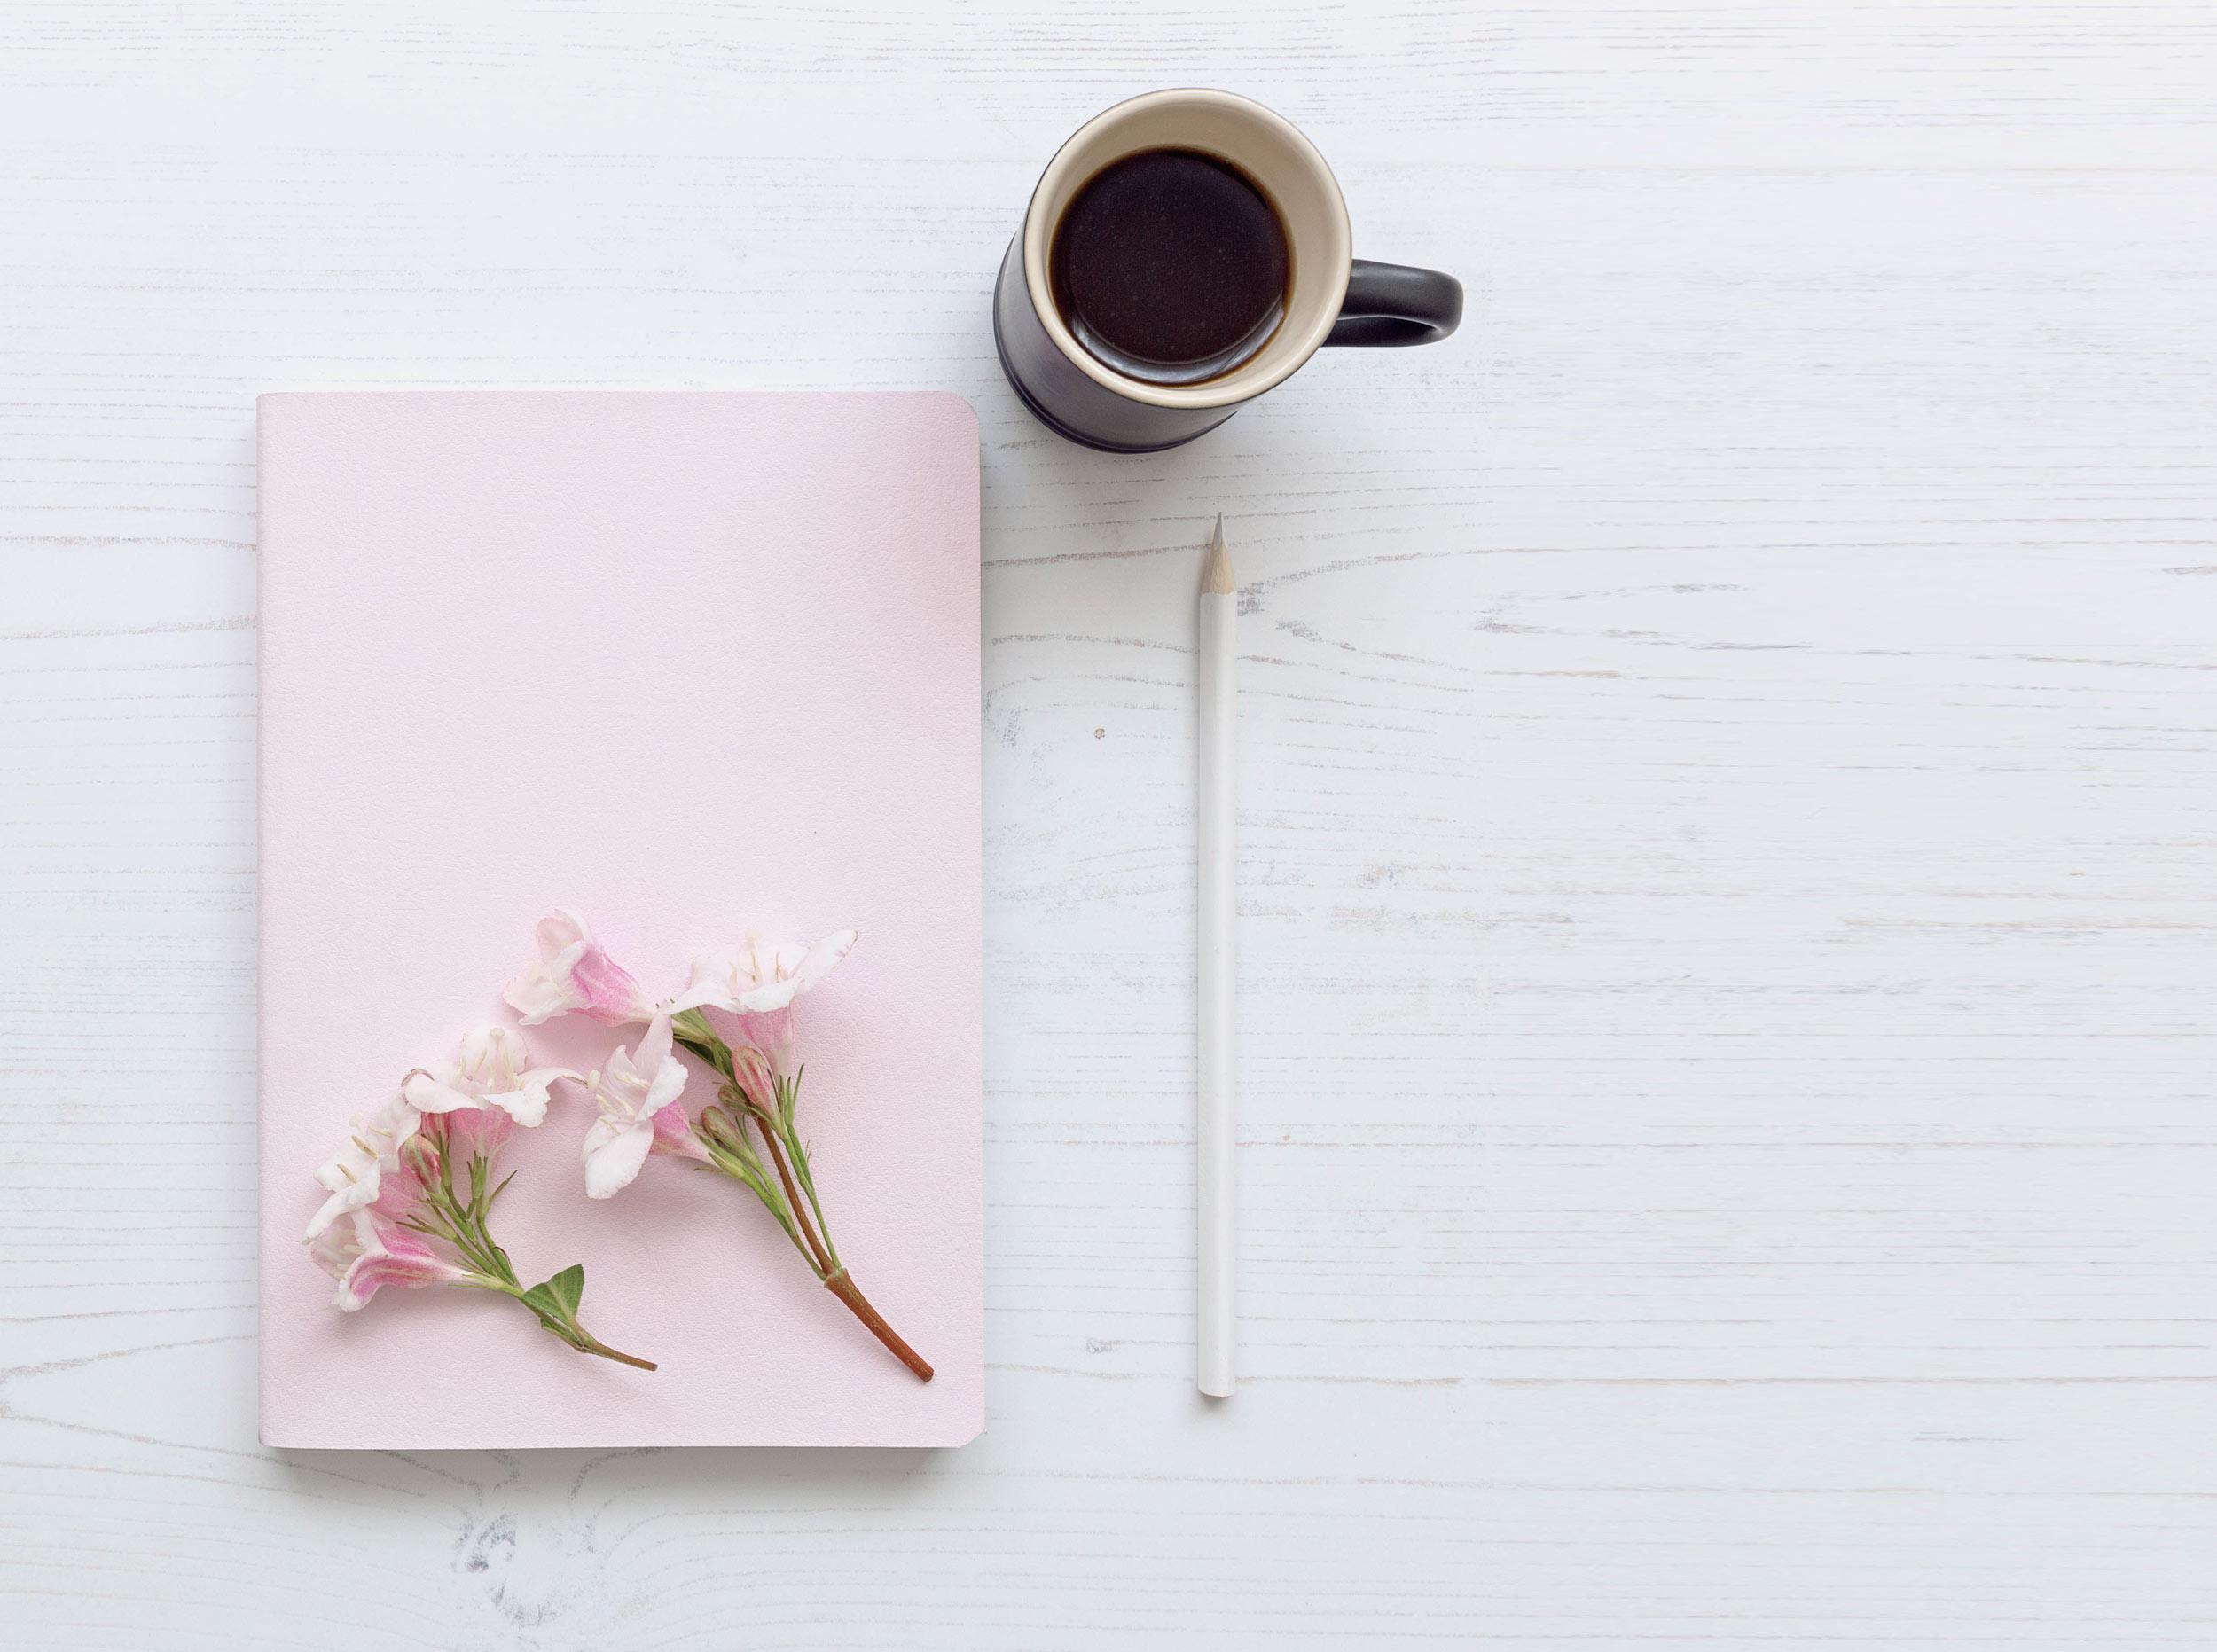 _Pink_Notebook_Coffee_Flatlay_4863_LouiseHowell.jpg